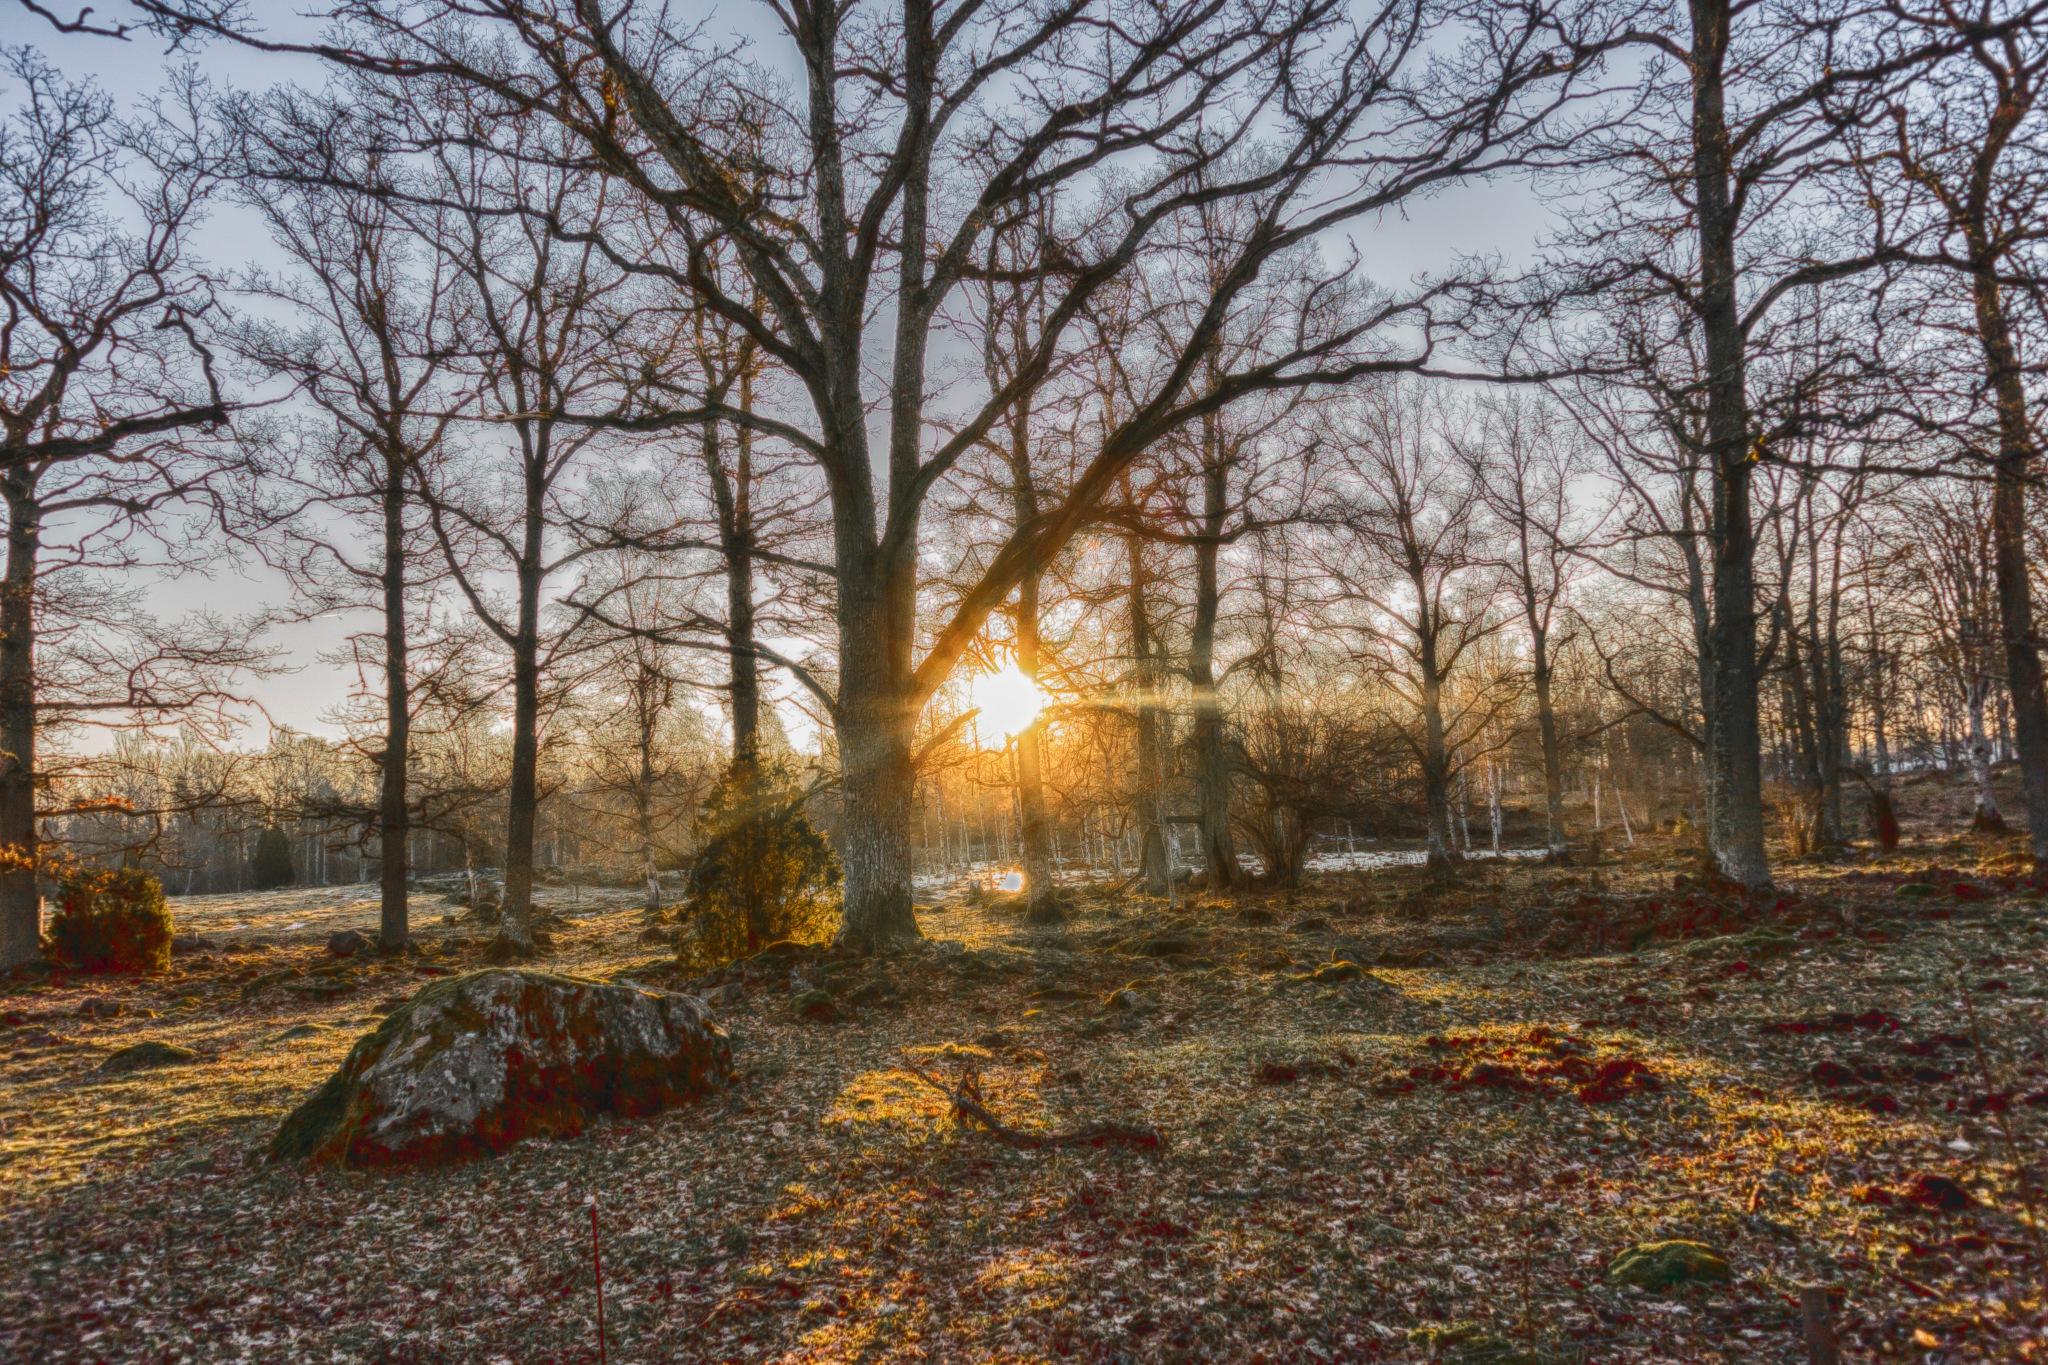 Early February Saturday Morning II by carljan w carlsson